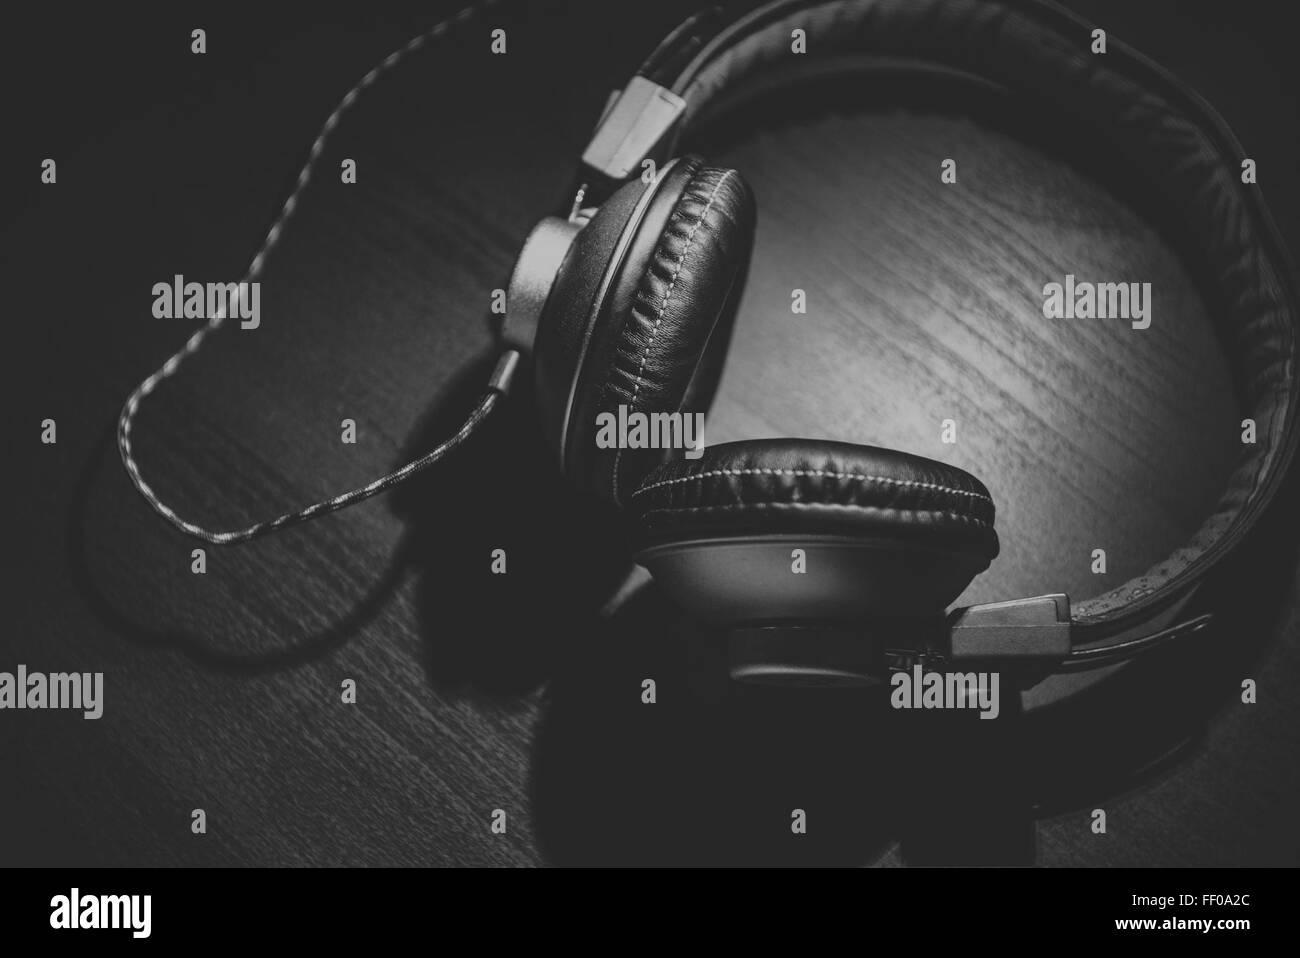 Auriculares Auriculares en Blanco y Negro en Blanco y negro Imagen De Stock